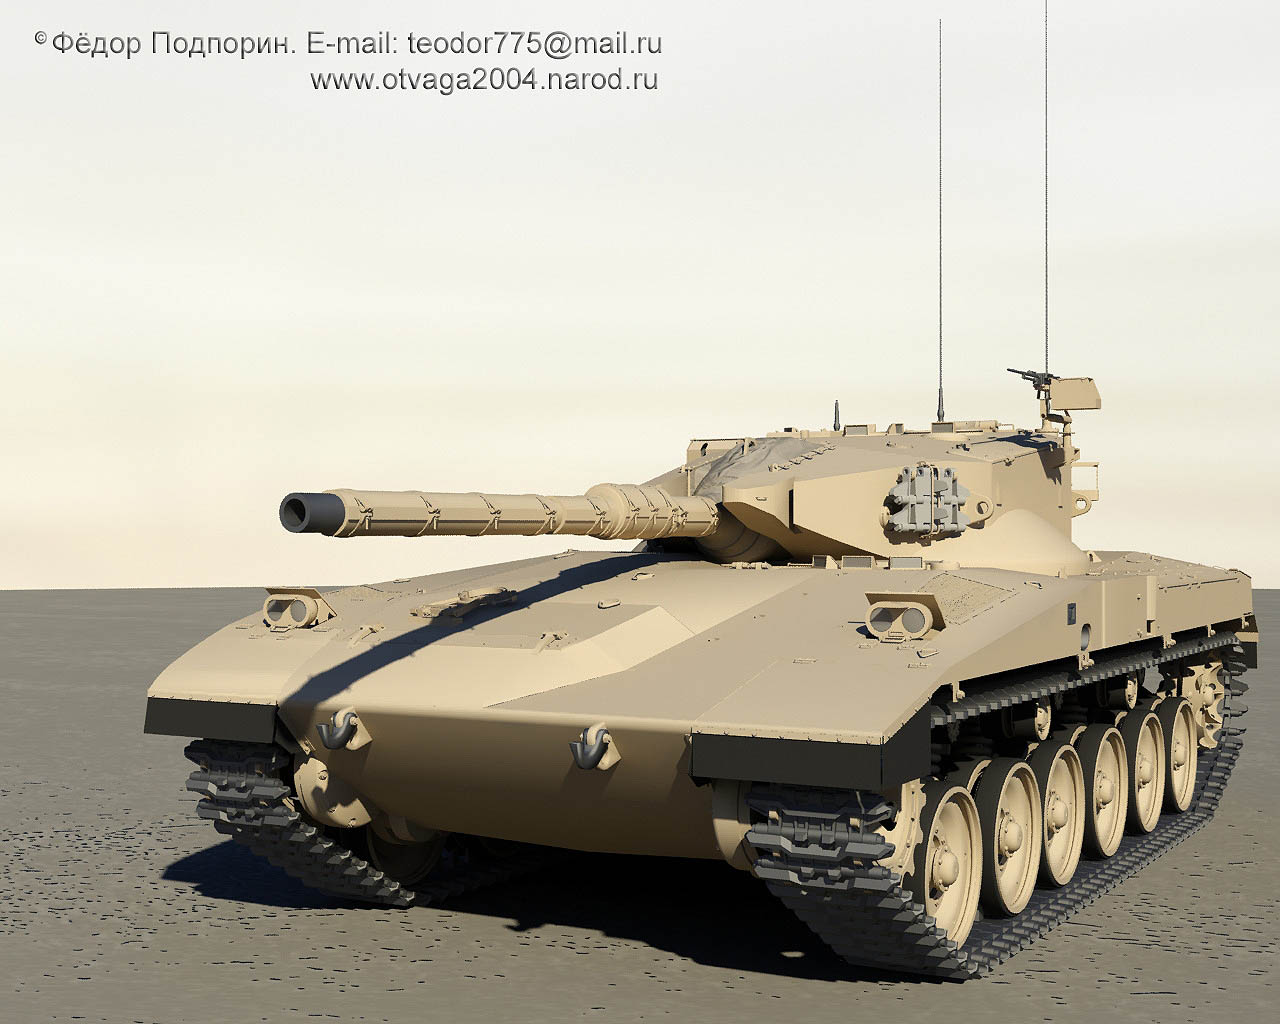 merkava-teodor775-otvaga2004-002